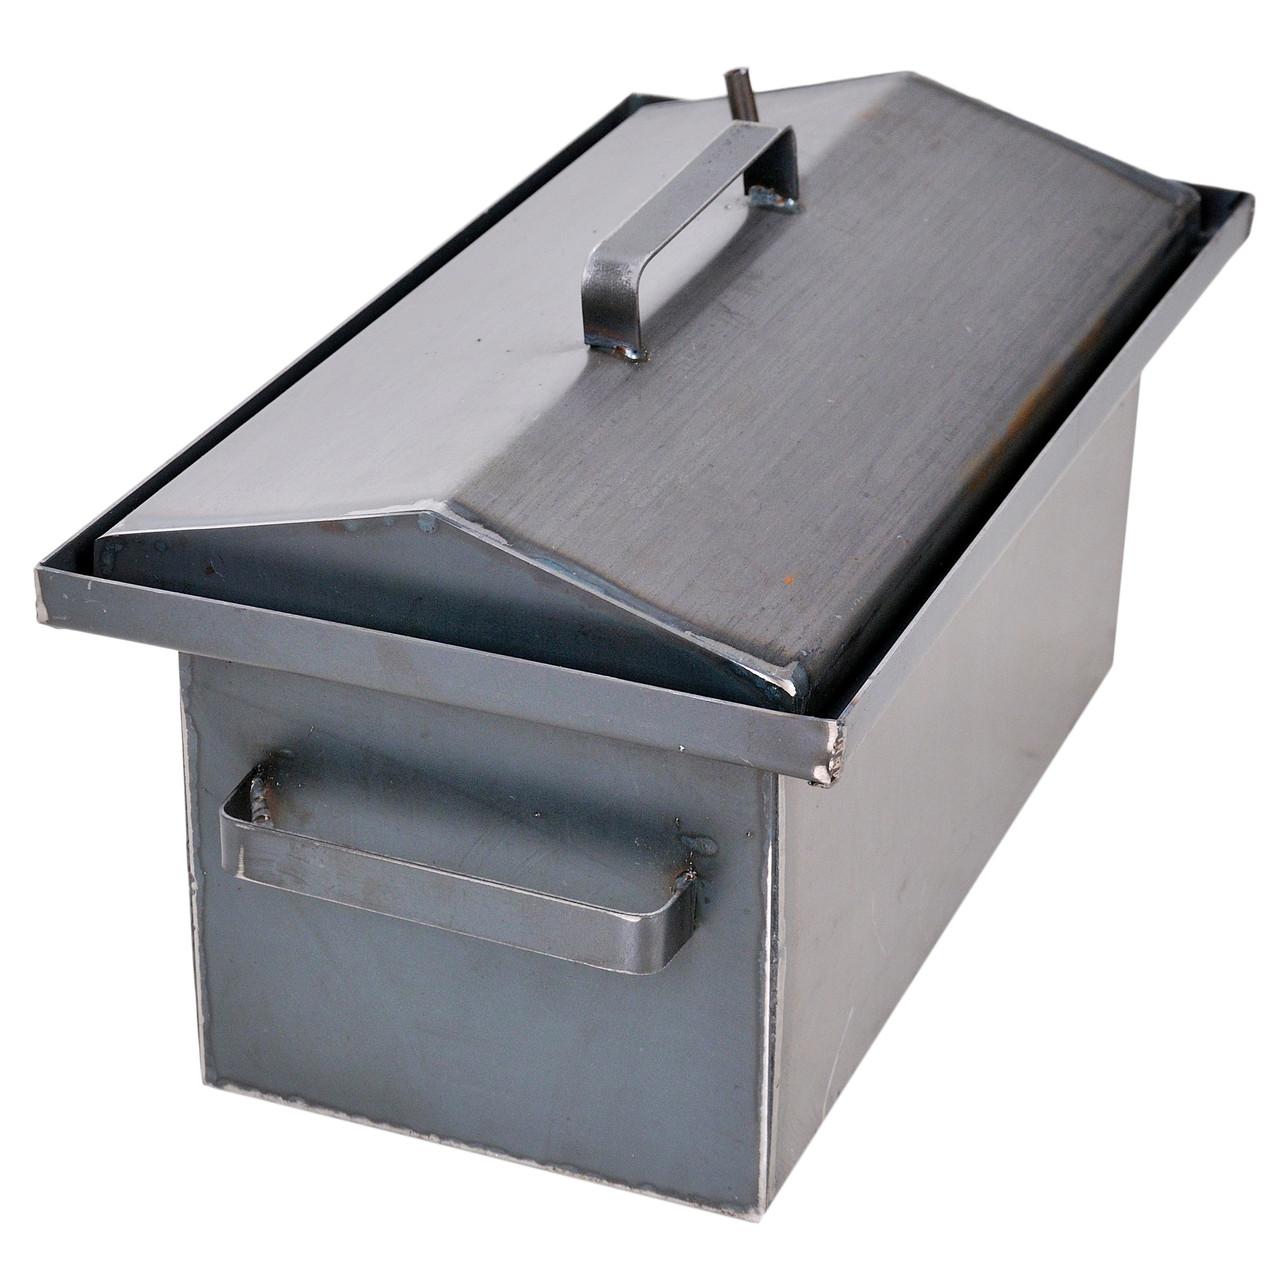 Куплю коптильню горячего копчения из харькова самогонный аппарат пвк поилец